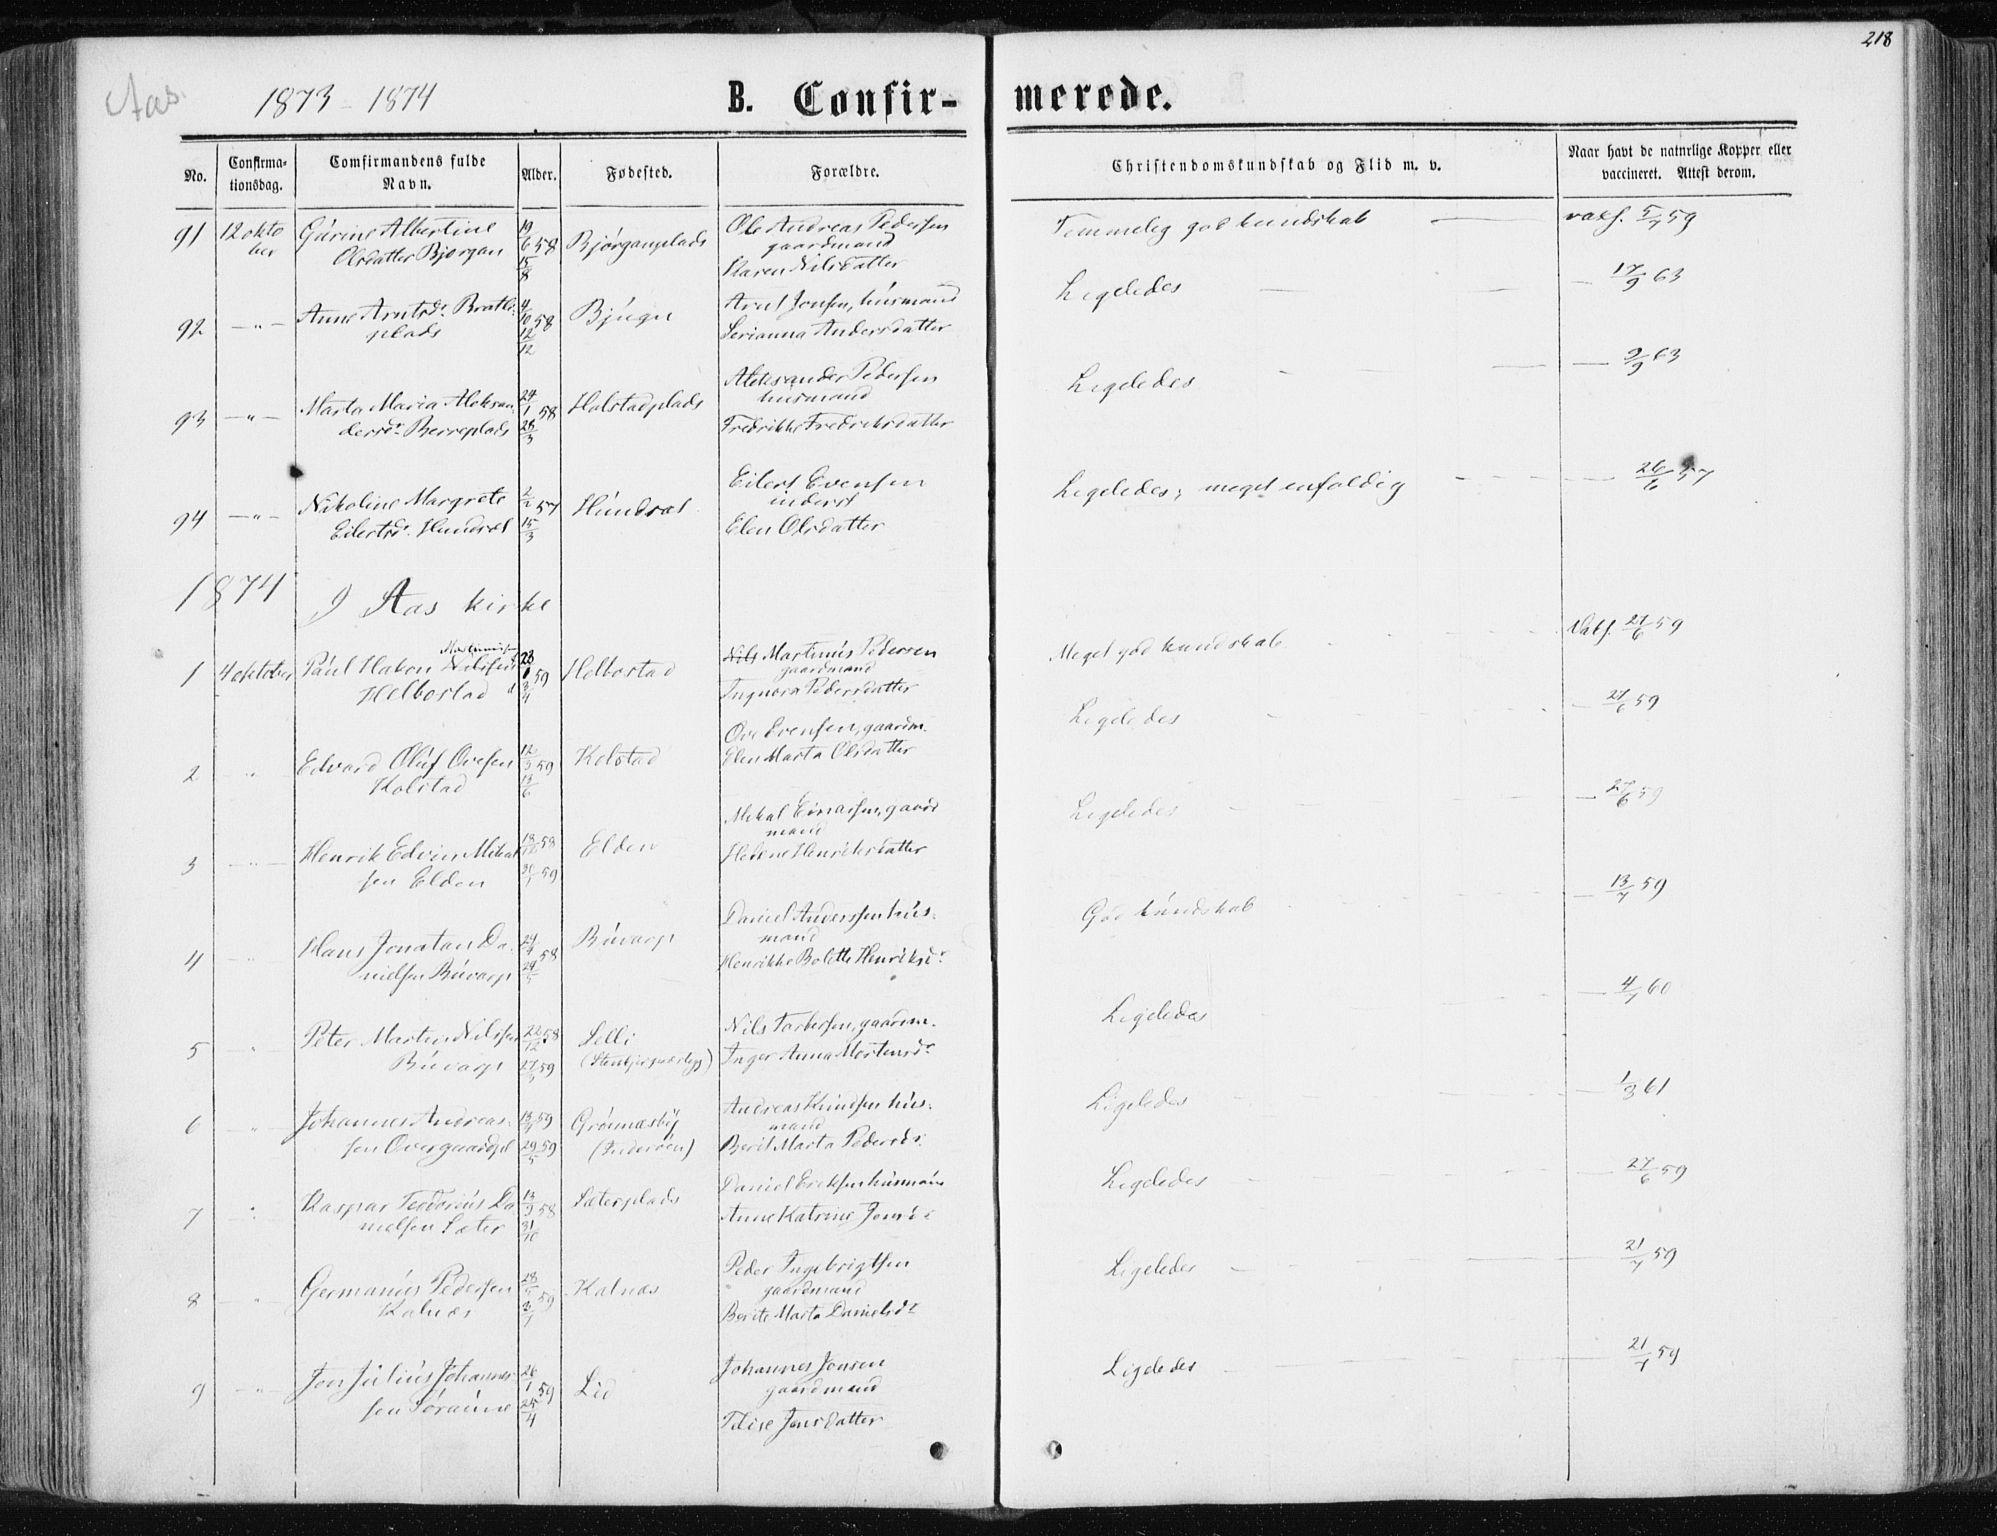 SAT, Ministerialprotokoller, klokkerbøker og fødselsregistre - Nord-Trøndelag, 741/L0394: Ministerialbok nr. 741A08, 1864-1877, s. 218